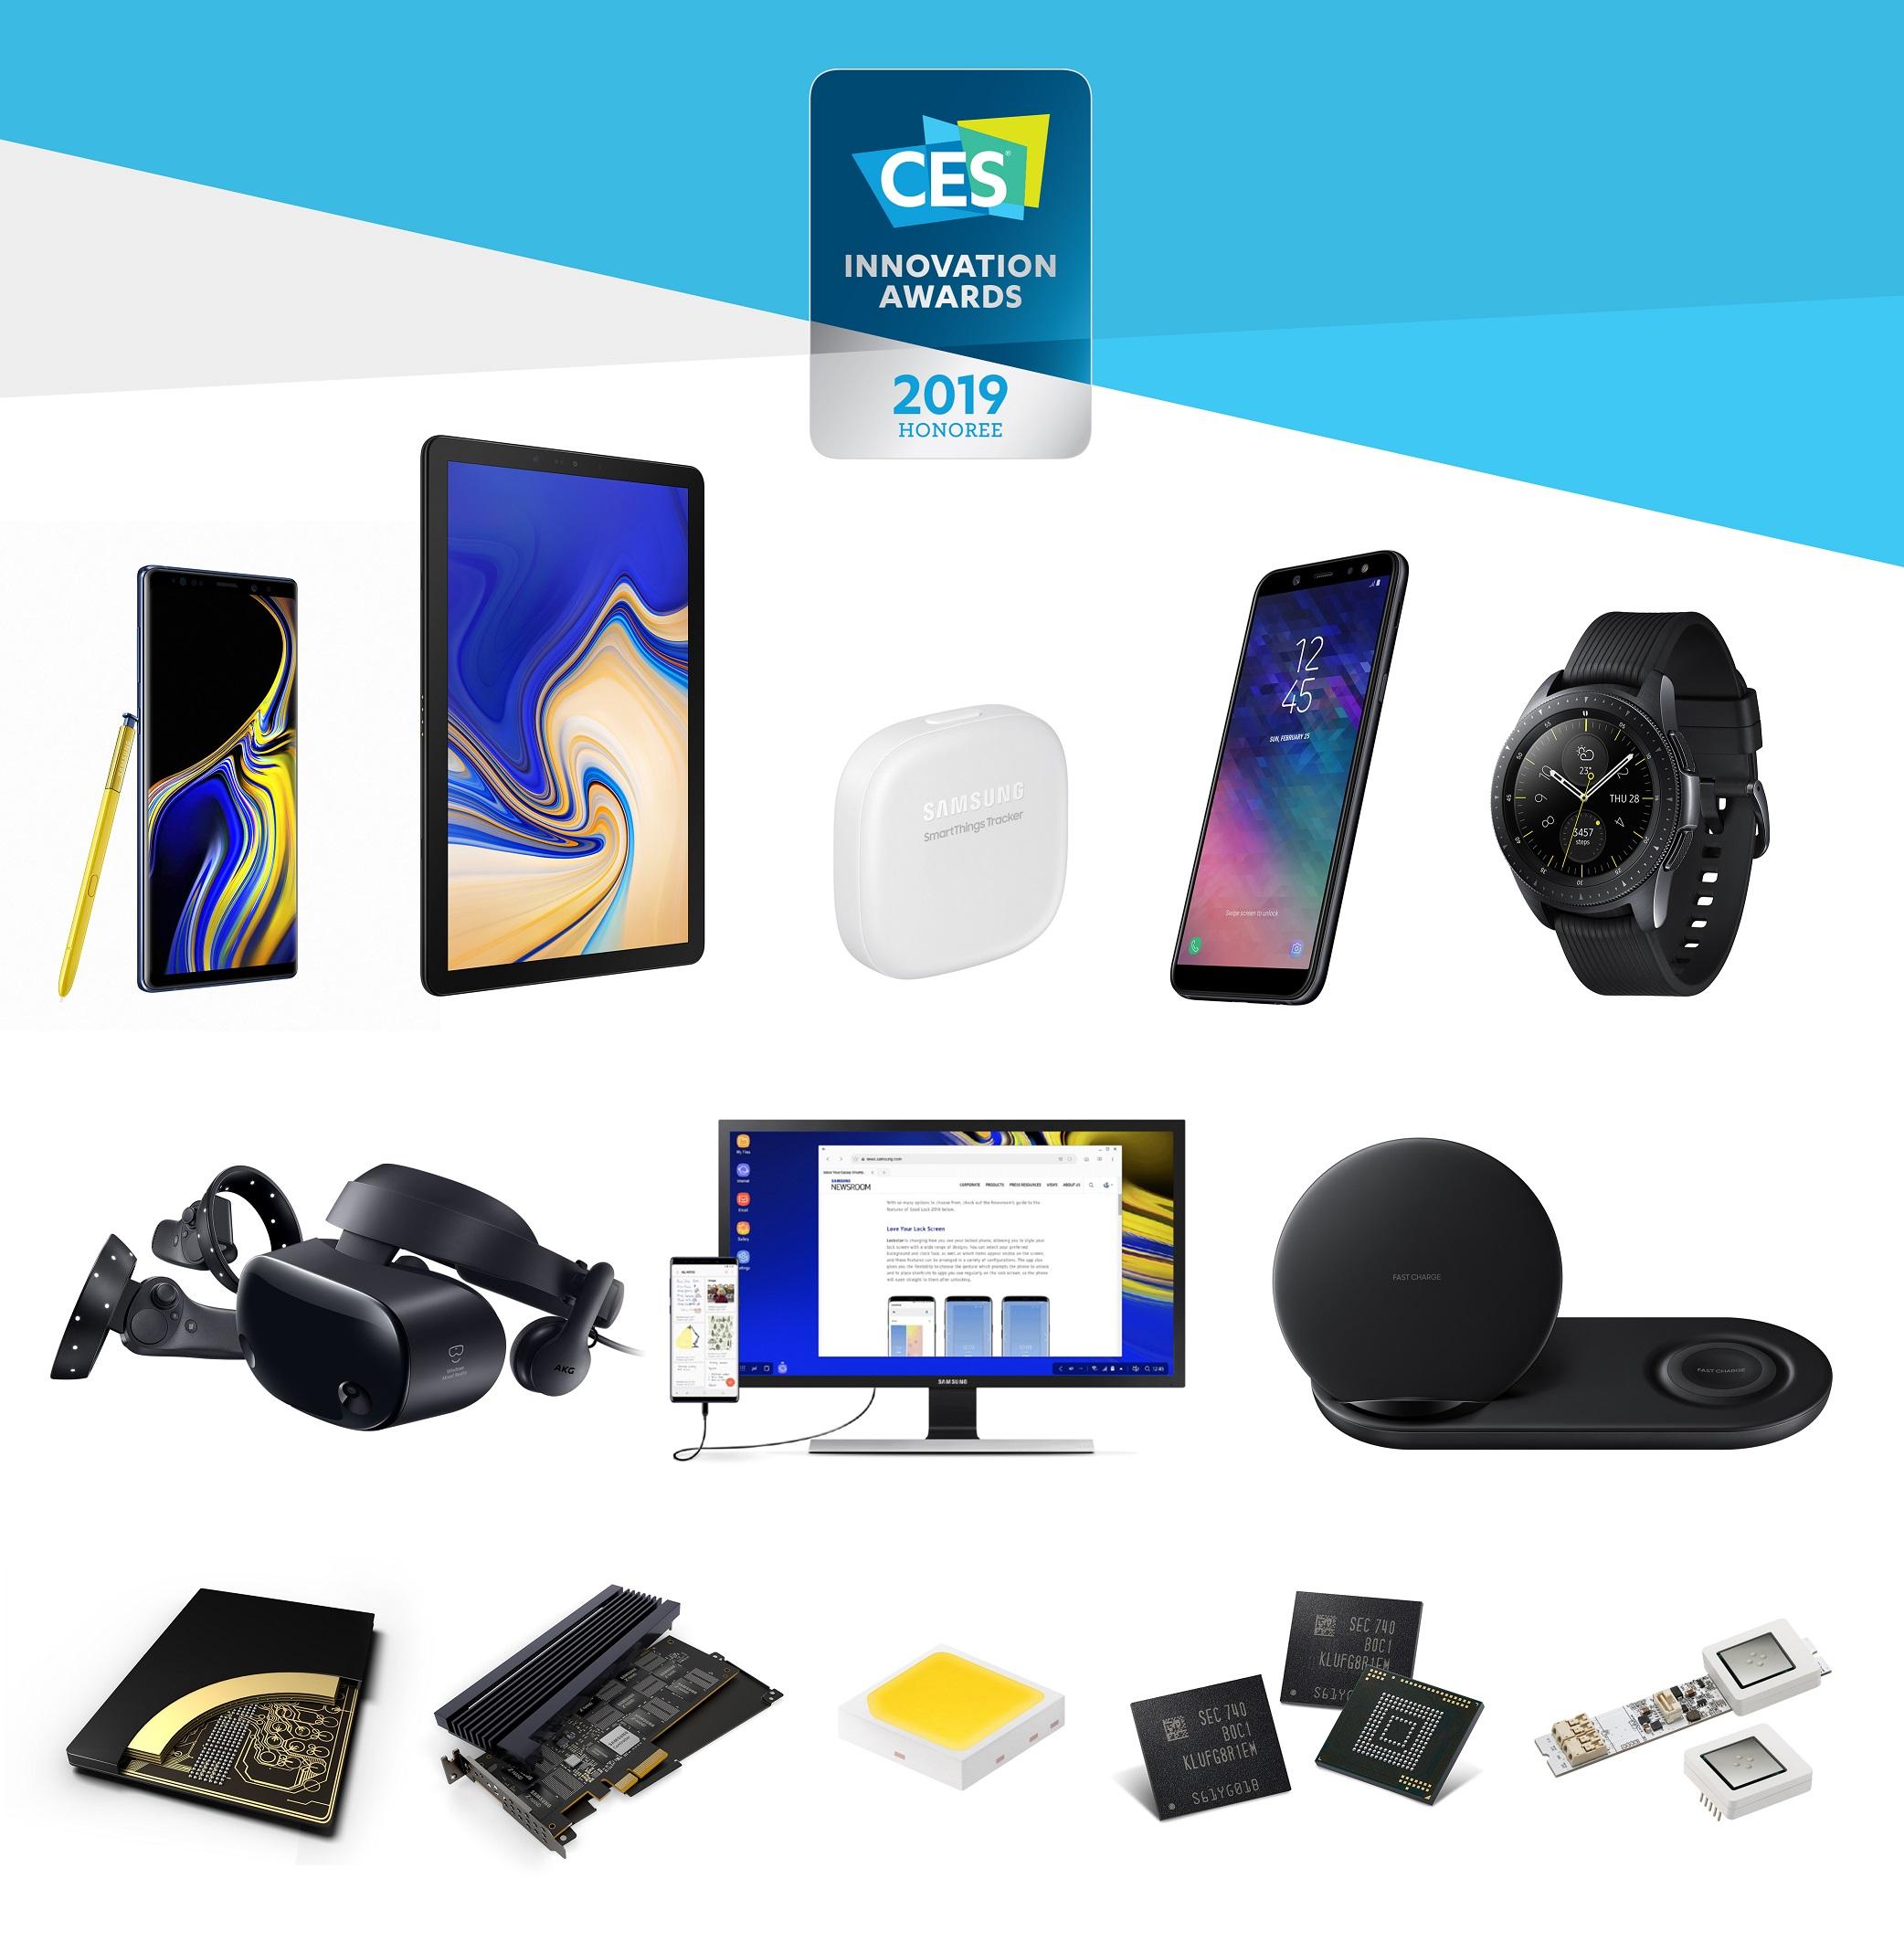 سامسونج تحصد 30 جائزة من جوائز الإبتكار بالمعرض الدولي للإلكترونيات الاستهلاكية 2019CES